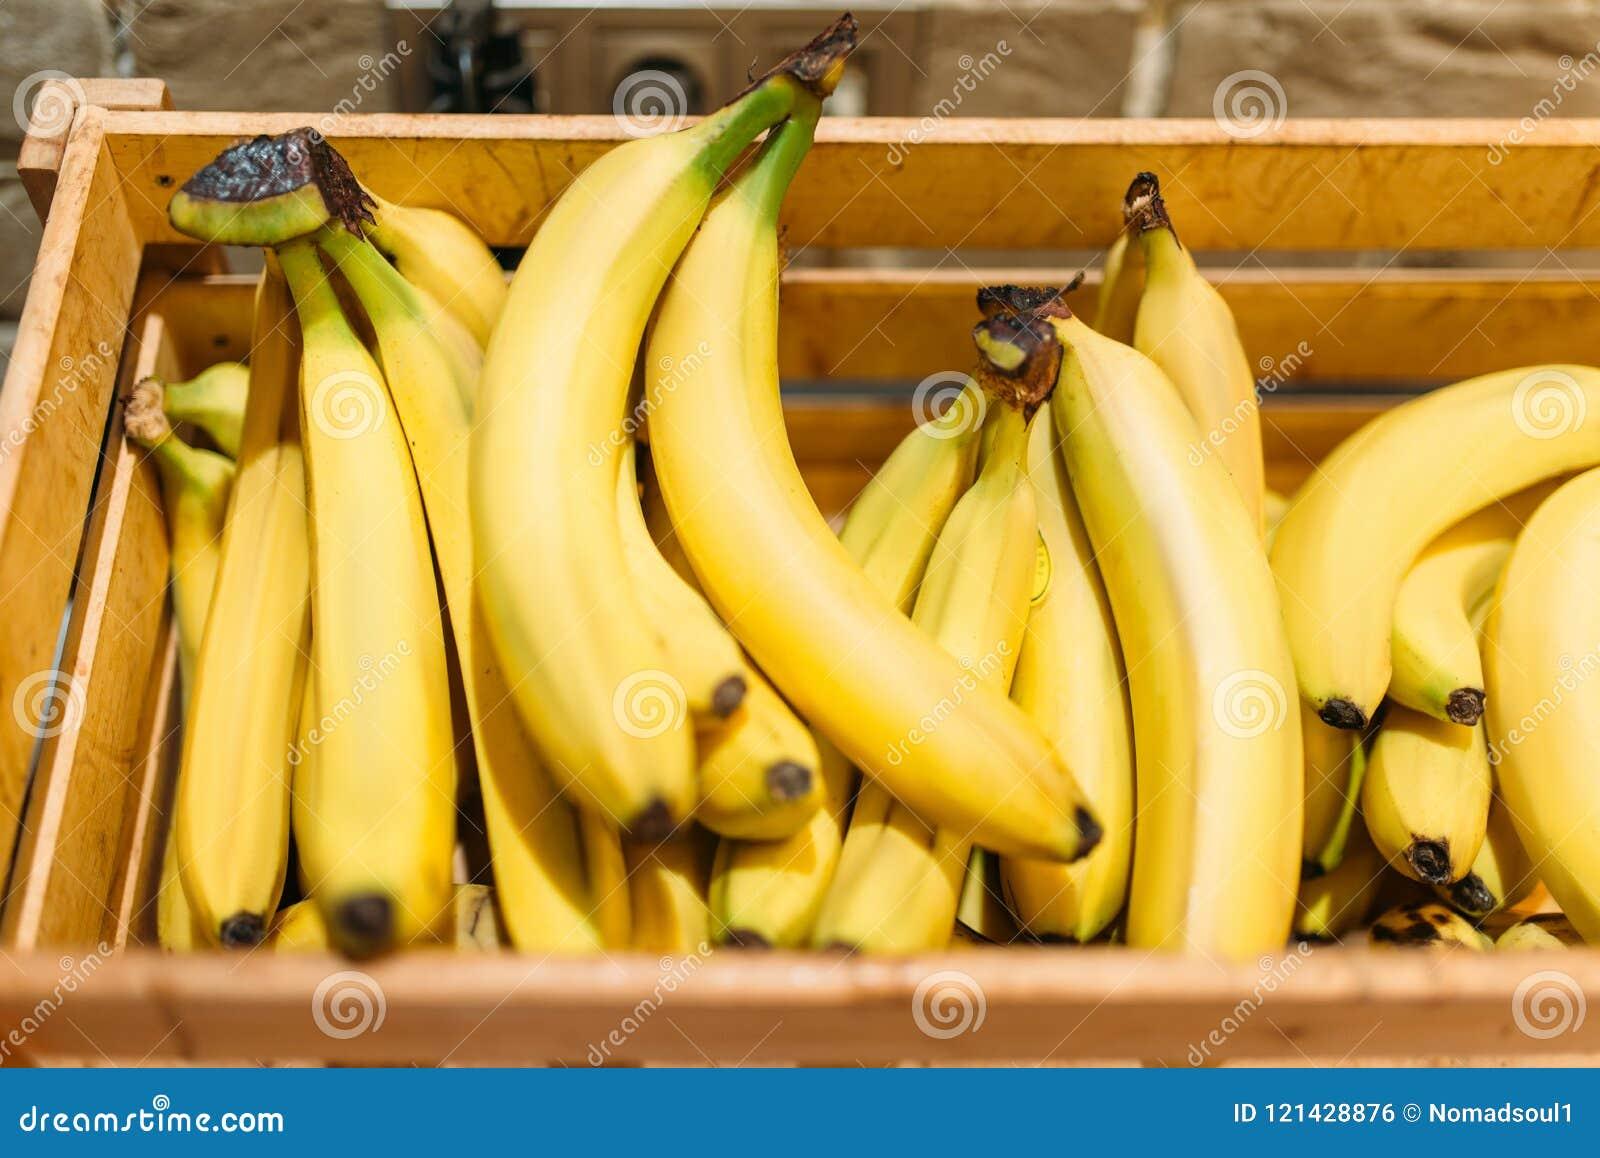 Boxas med mogna bananer i matlagret, inget